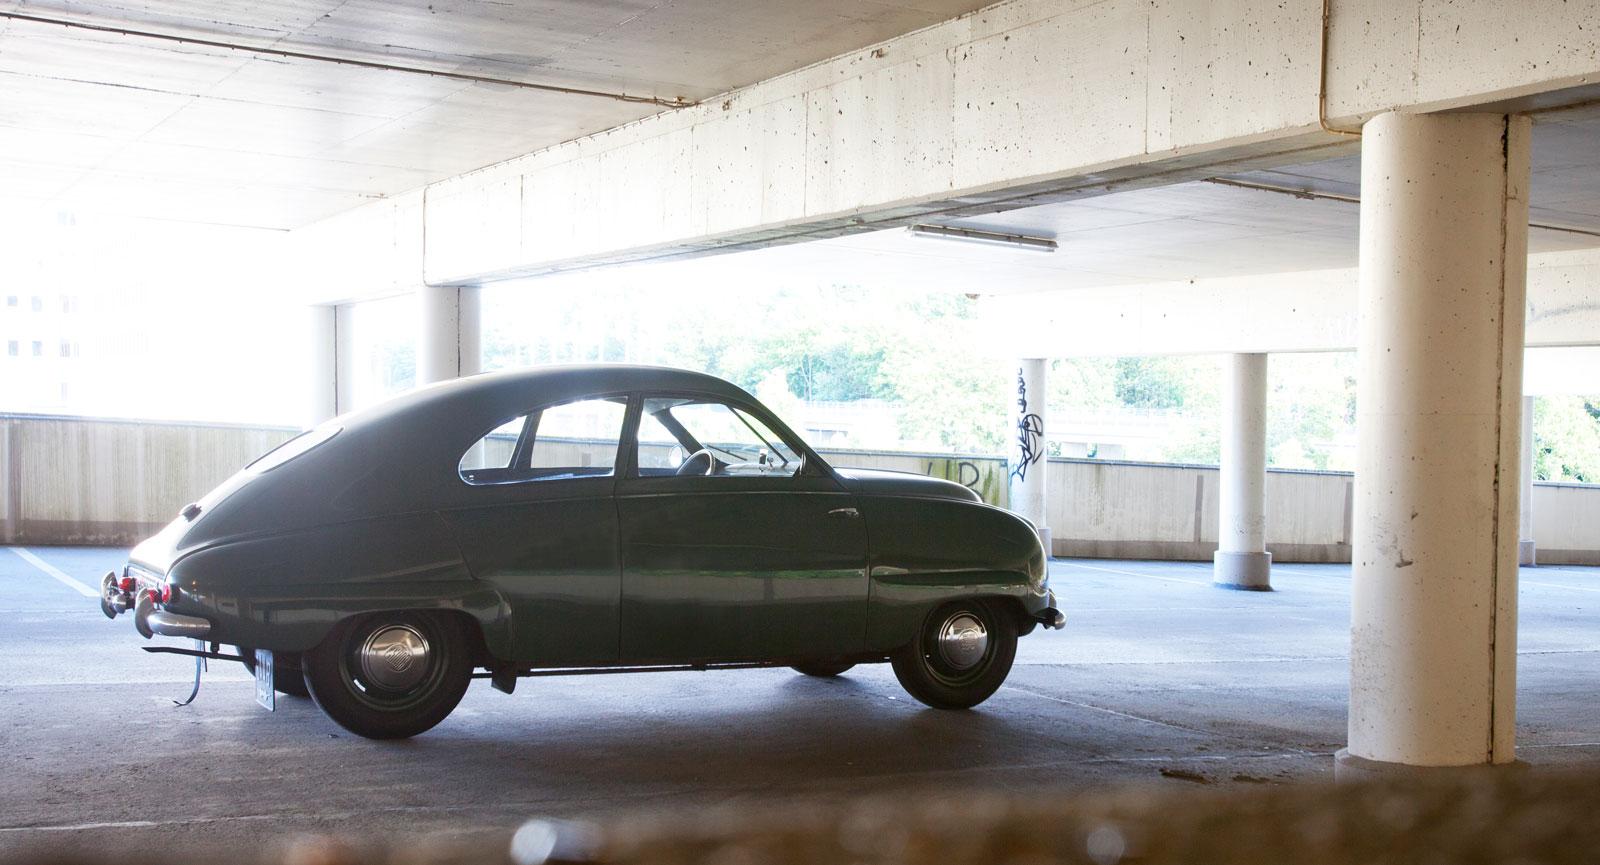 Bengt Sjöström i Gävle köpte 1950 en ny Saab för 6550 kr. Han behöll den resten av sitt liv, idag har den inte ens rullat 6000 mil och är helt orörd, bara exemplariskt ompysslad.